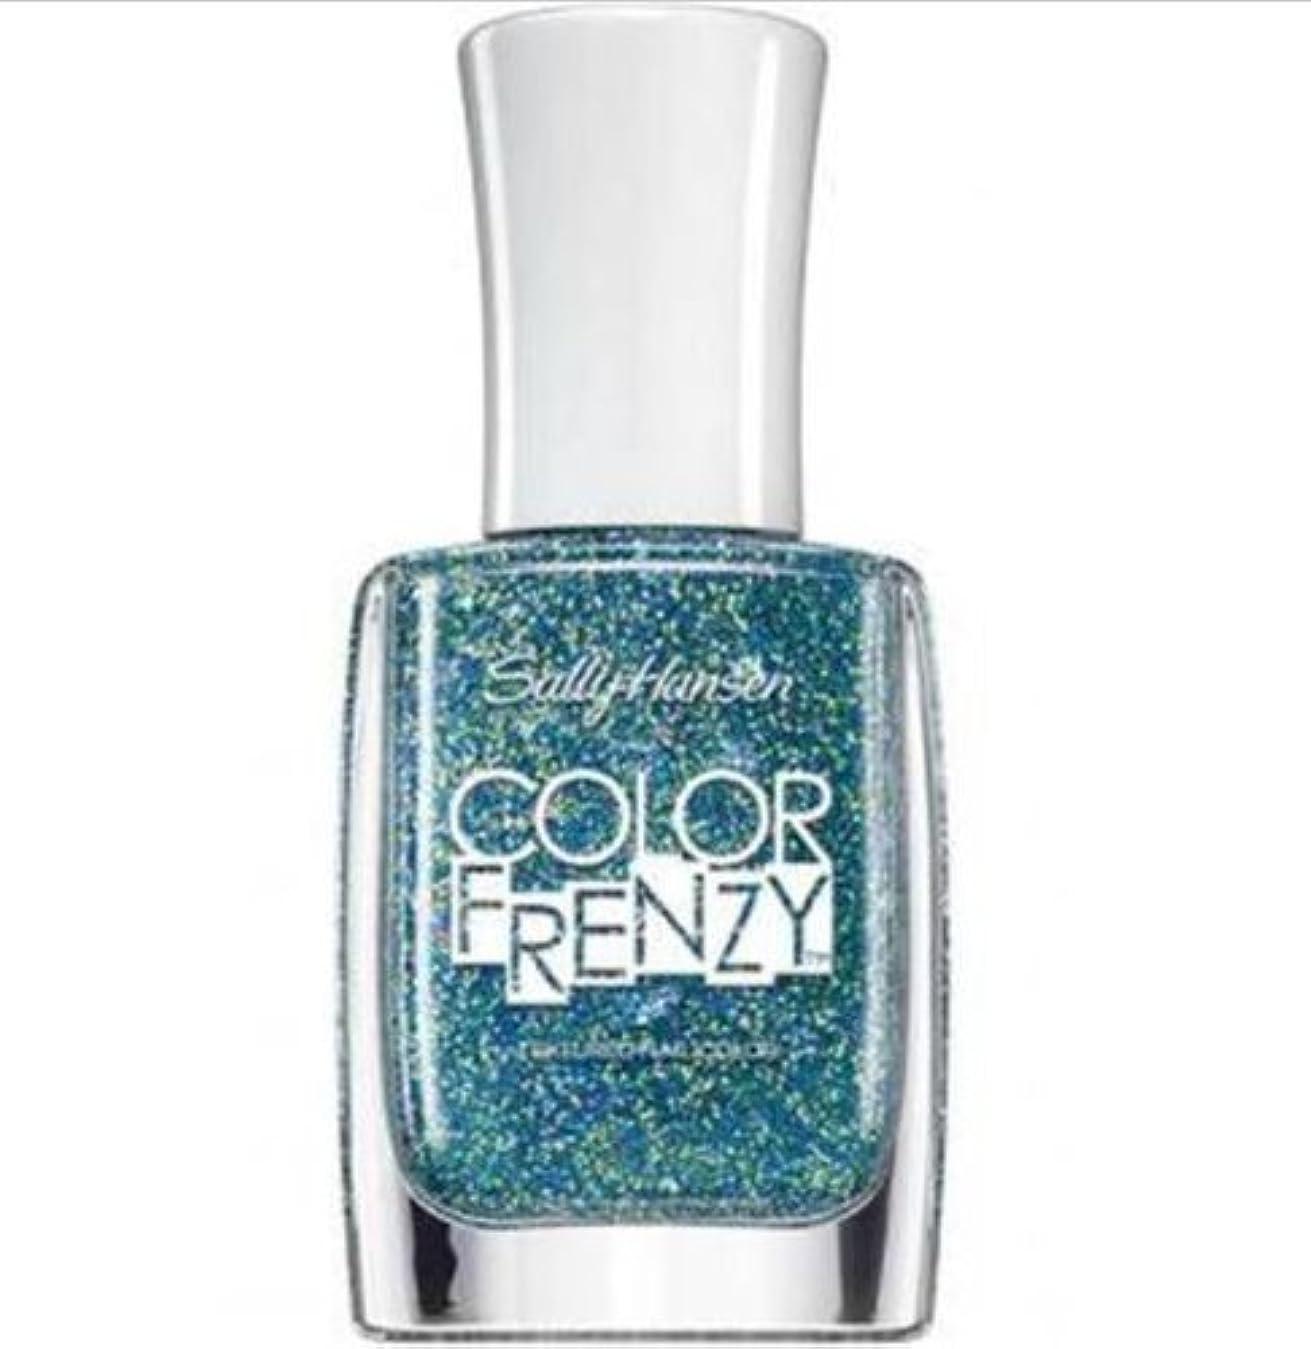 流産聞くトーンSALLY HANSEN Color Frenzy Textured Nail Color - Sea Salt (並行輸入品)